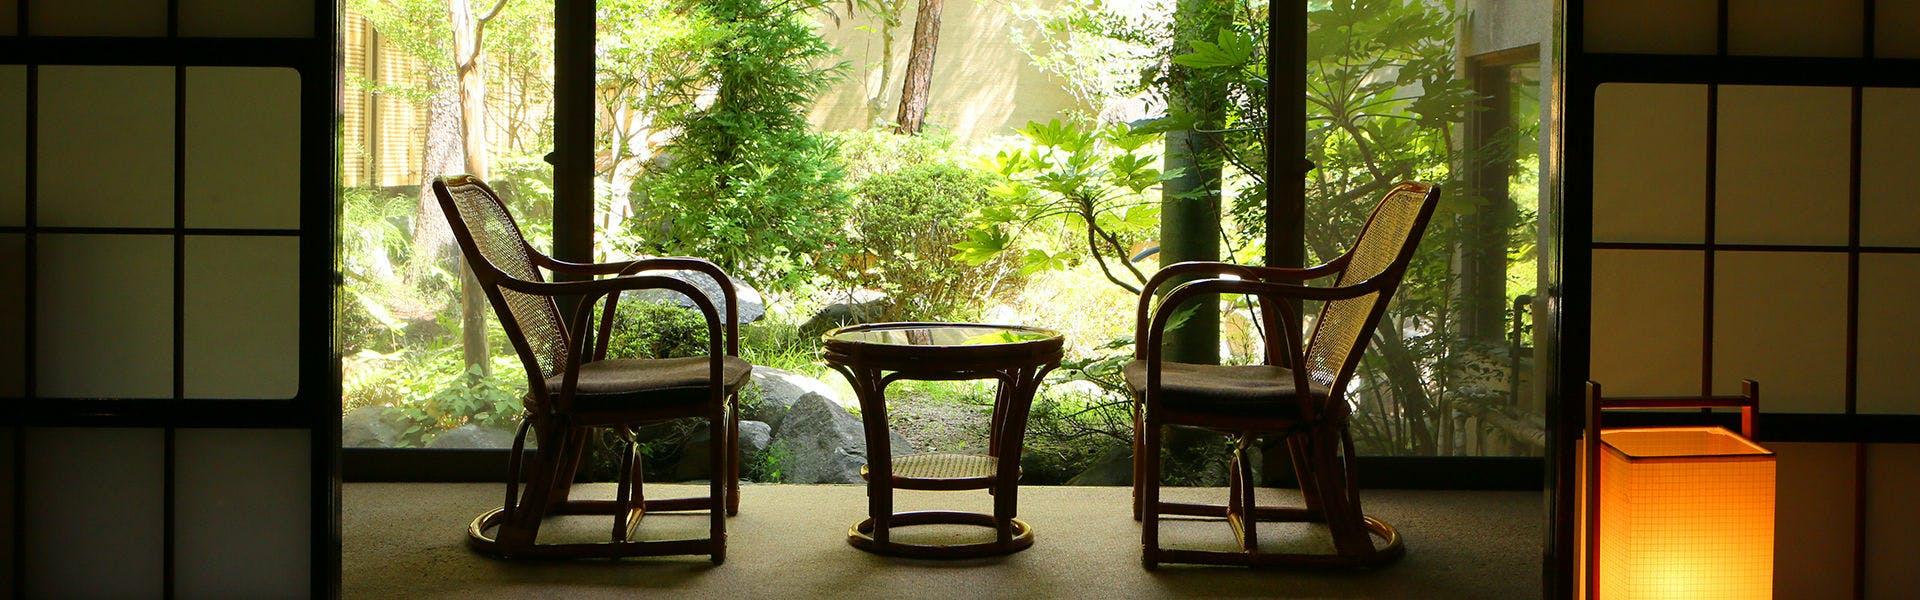 記念日におすすめのホテル・【湯宿 和泉屋善兵衛】の写真2